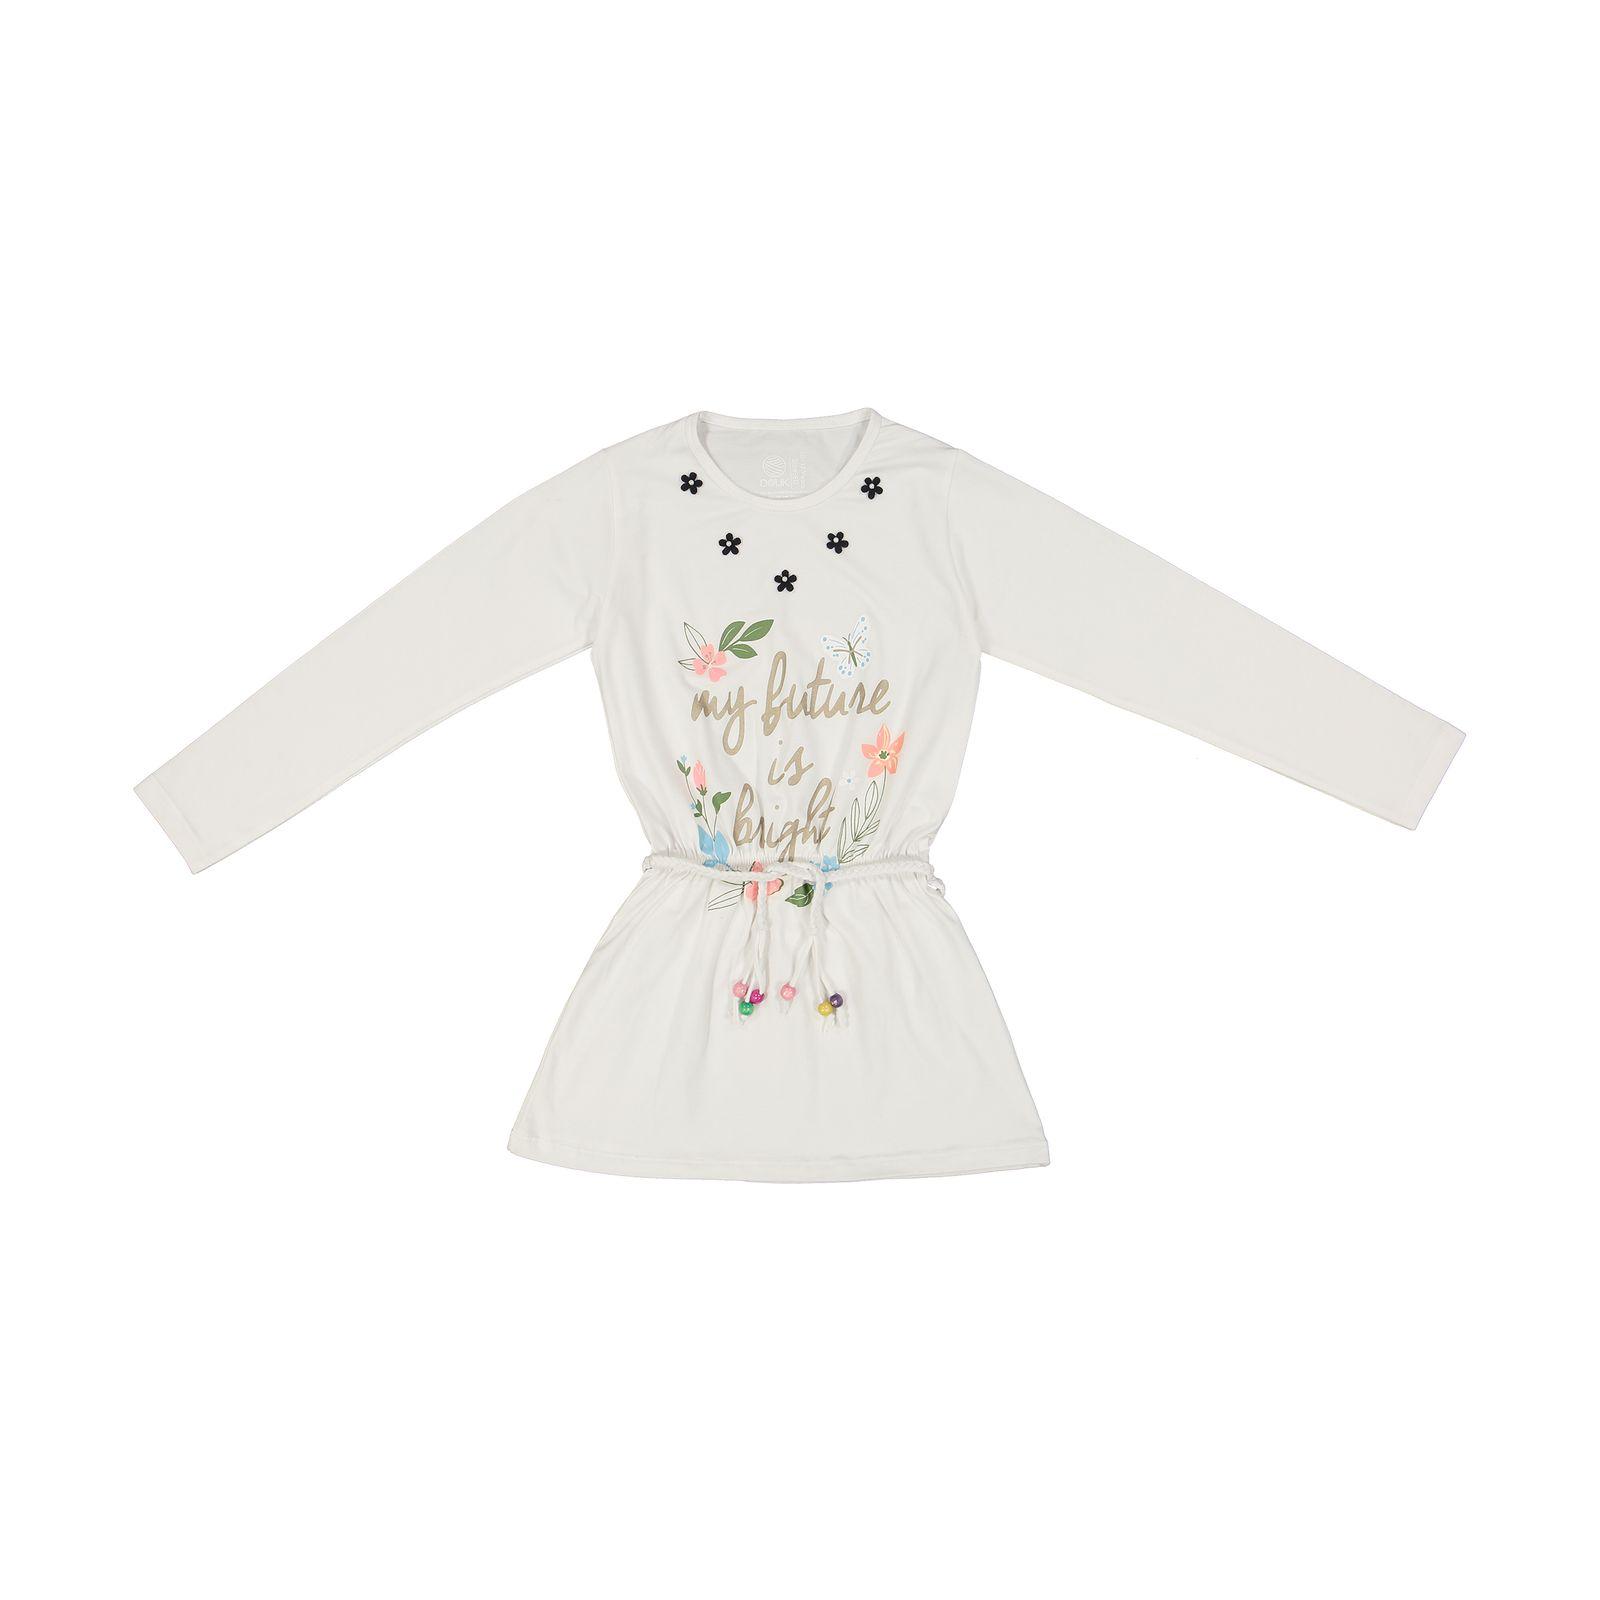 تی شرت دخترانه سون پون مدل 1391359-01 -  - 2